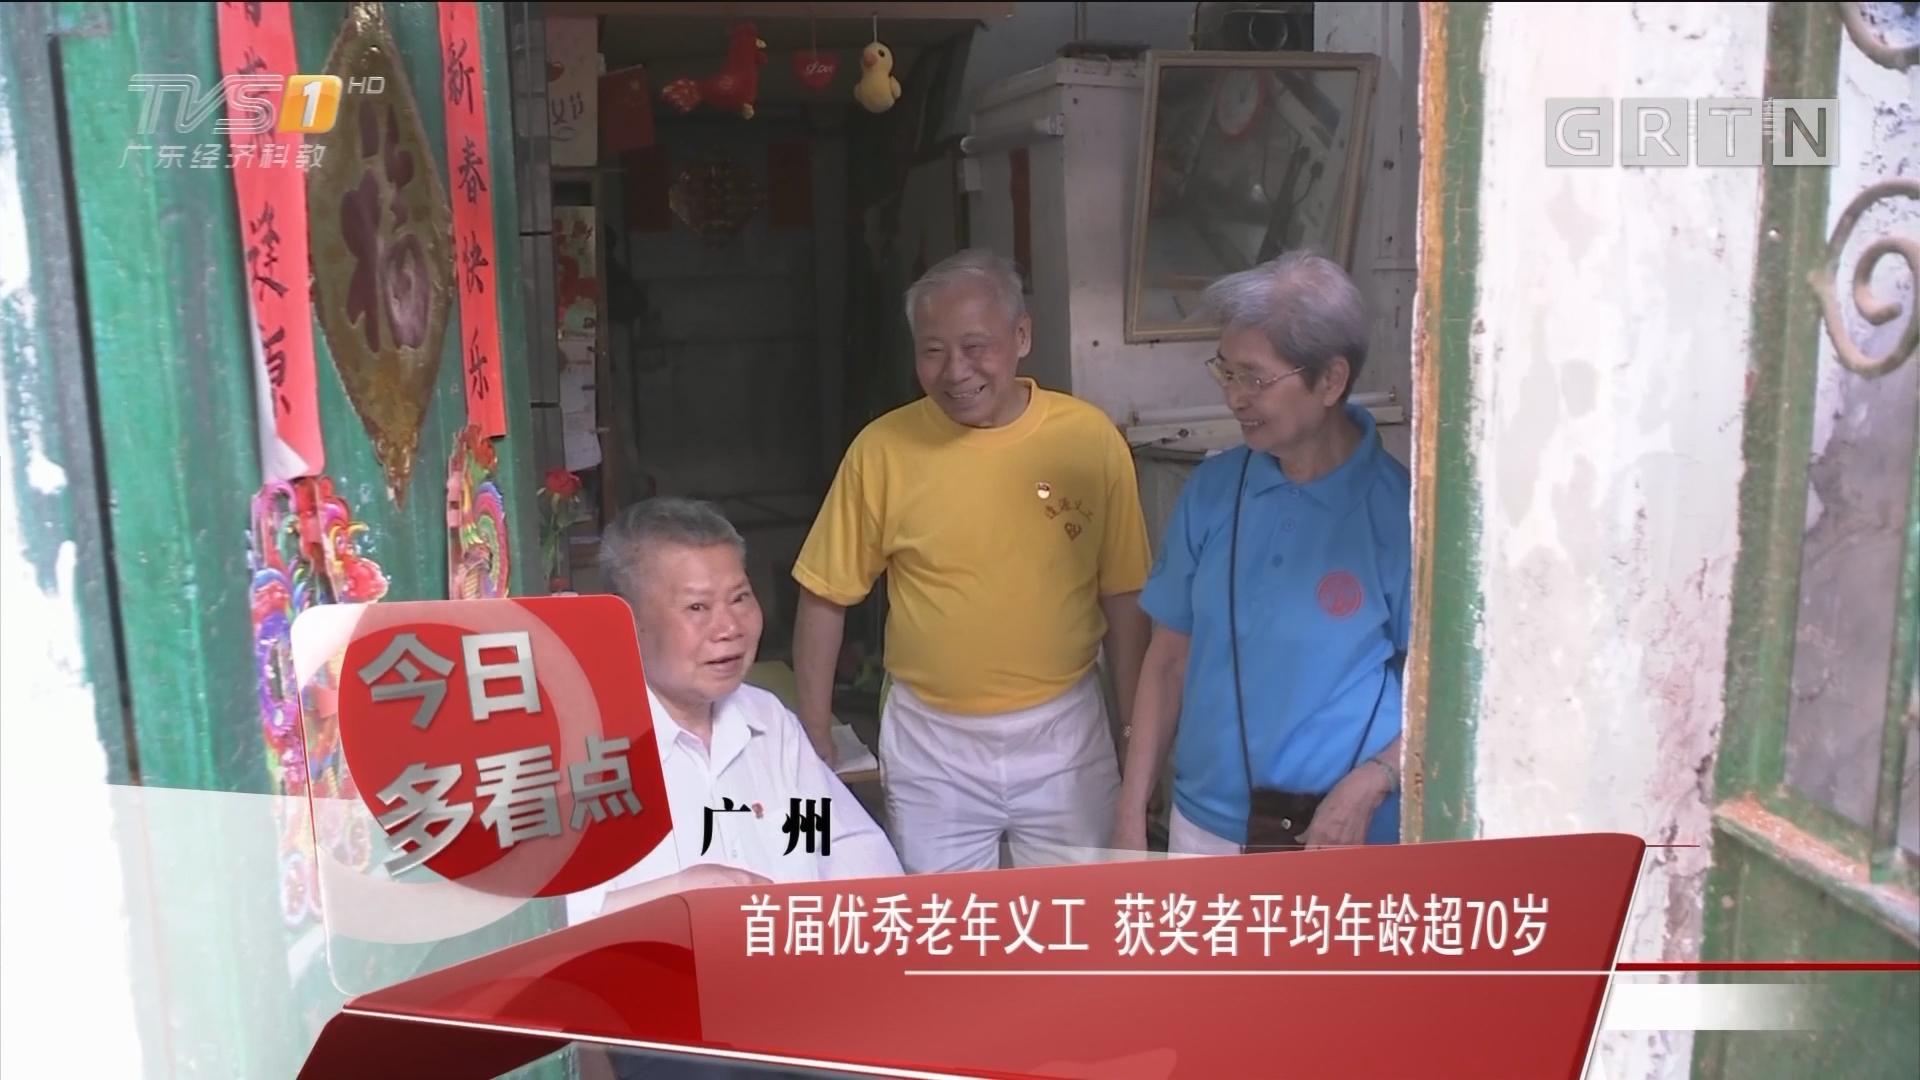 广州:首届优秀老年义工 获奖者平均年龄超70岁